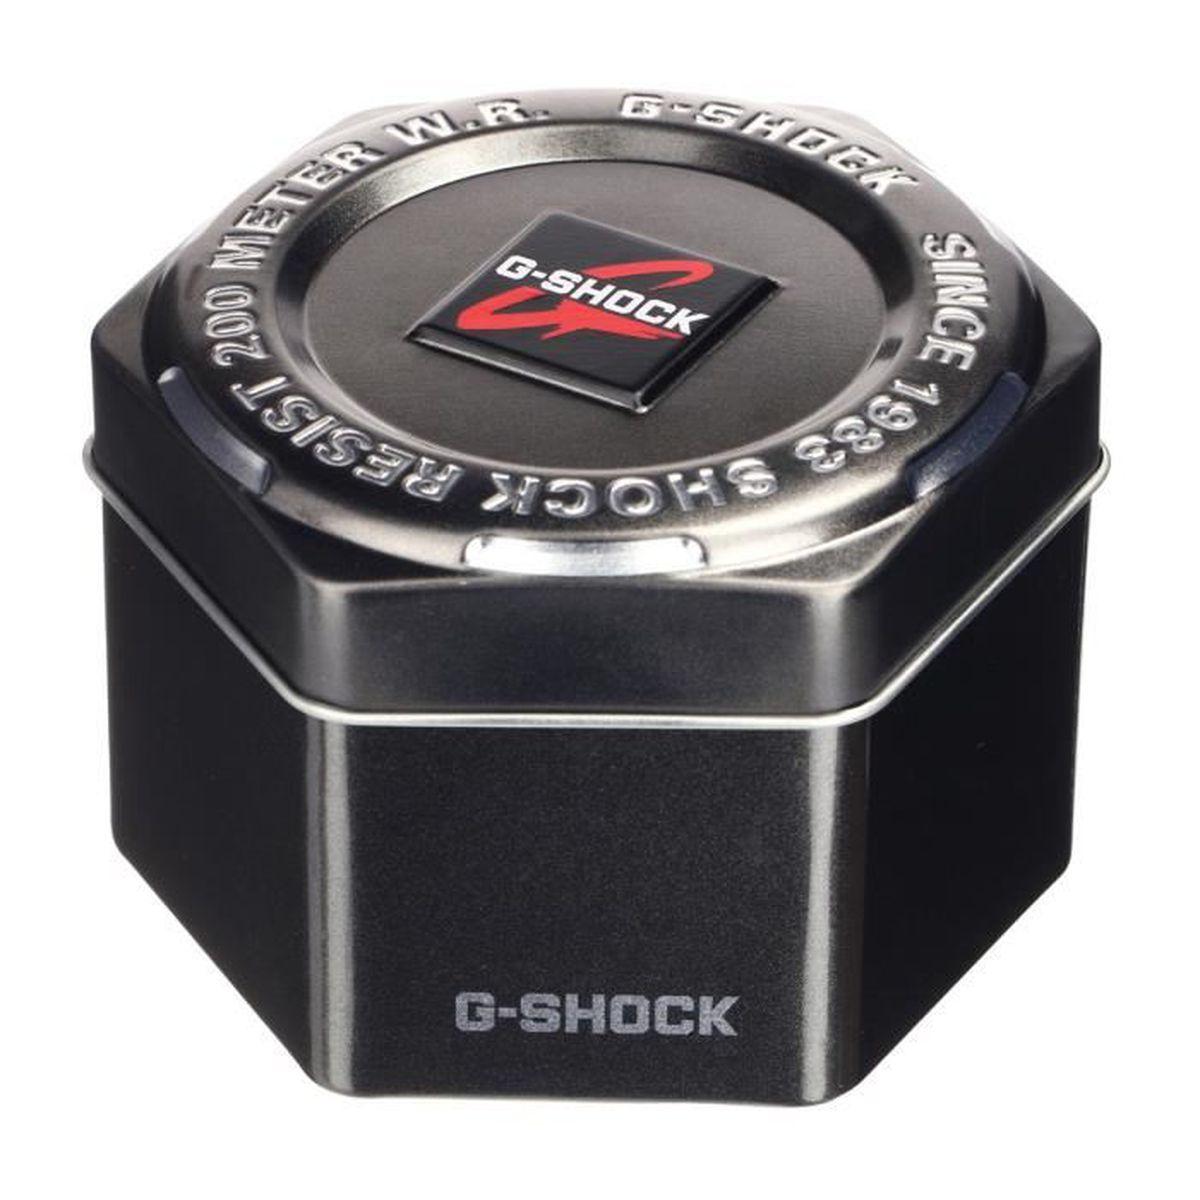 Casio Montre Quartz G Shock Gd 400mb 1er Homme Achat Vente 1 Cdiscount